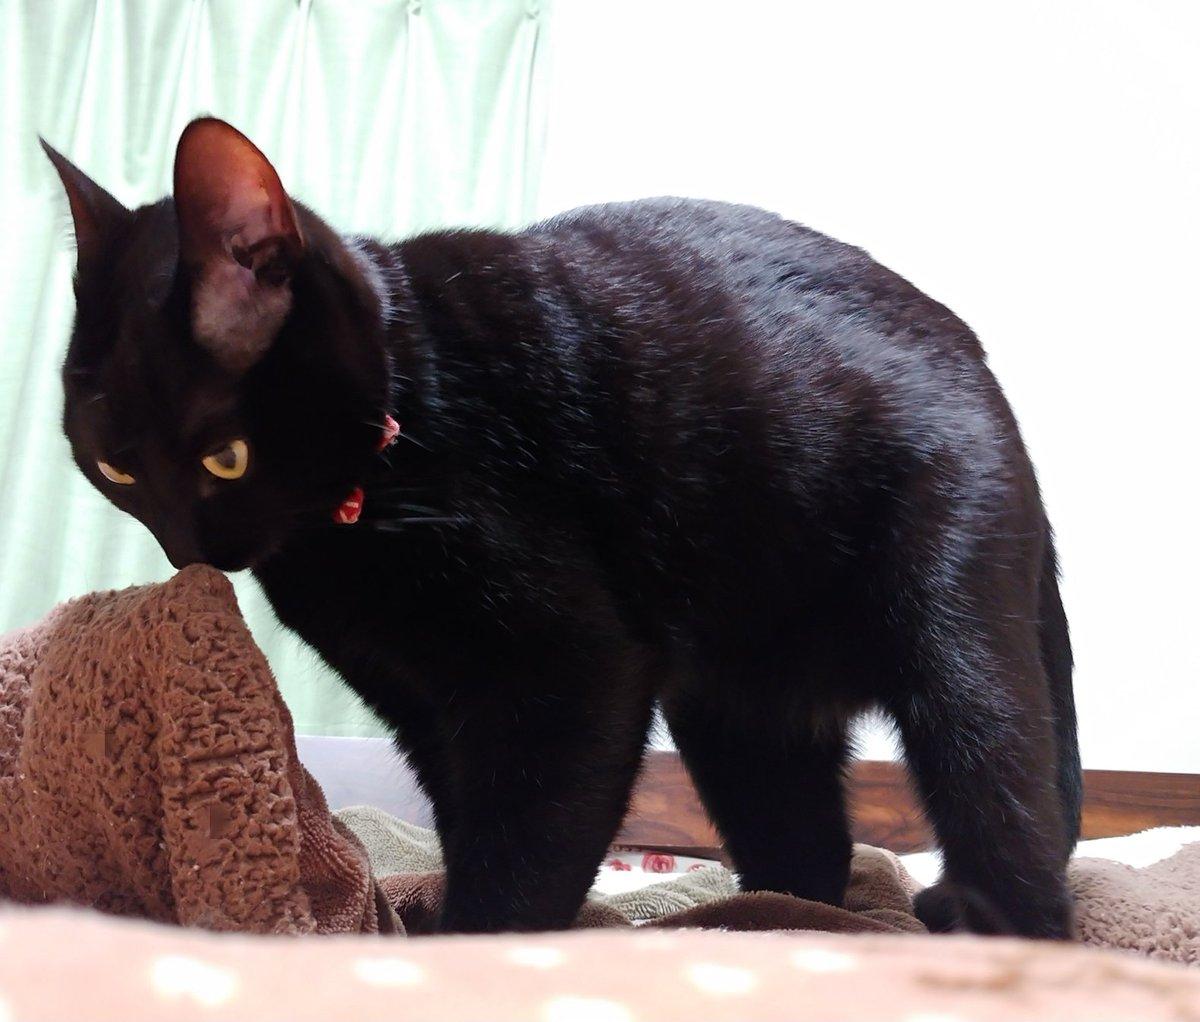 670日目。別室の電気を付けたら、黒猫が毛布を噛みながら大変真剣に手でフミ…フミ…とまるで職人技のようにフミフミしていた。こちらに気付いてとても驚いた顔で毛布を離した。